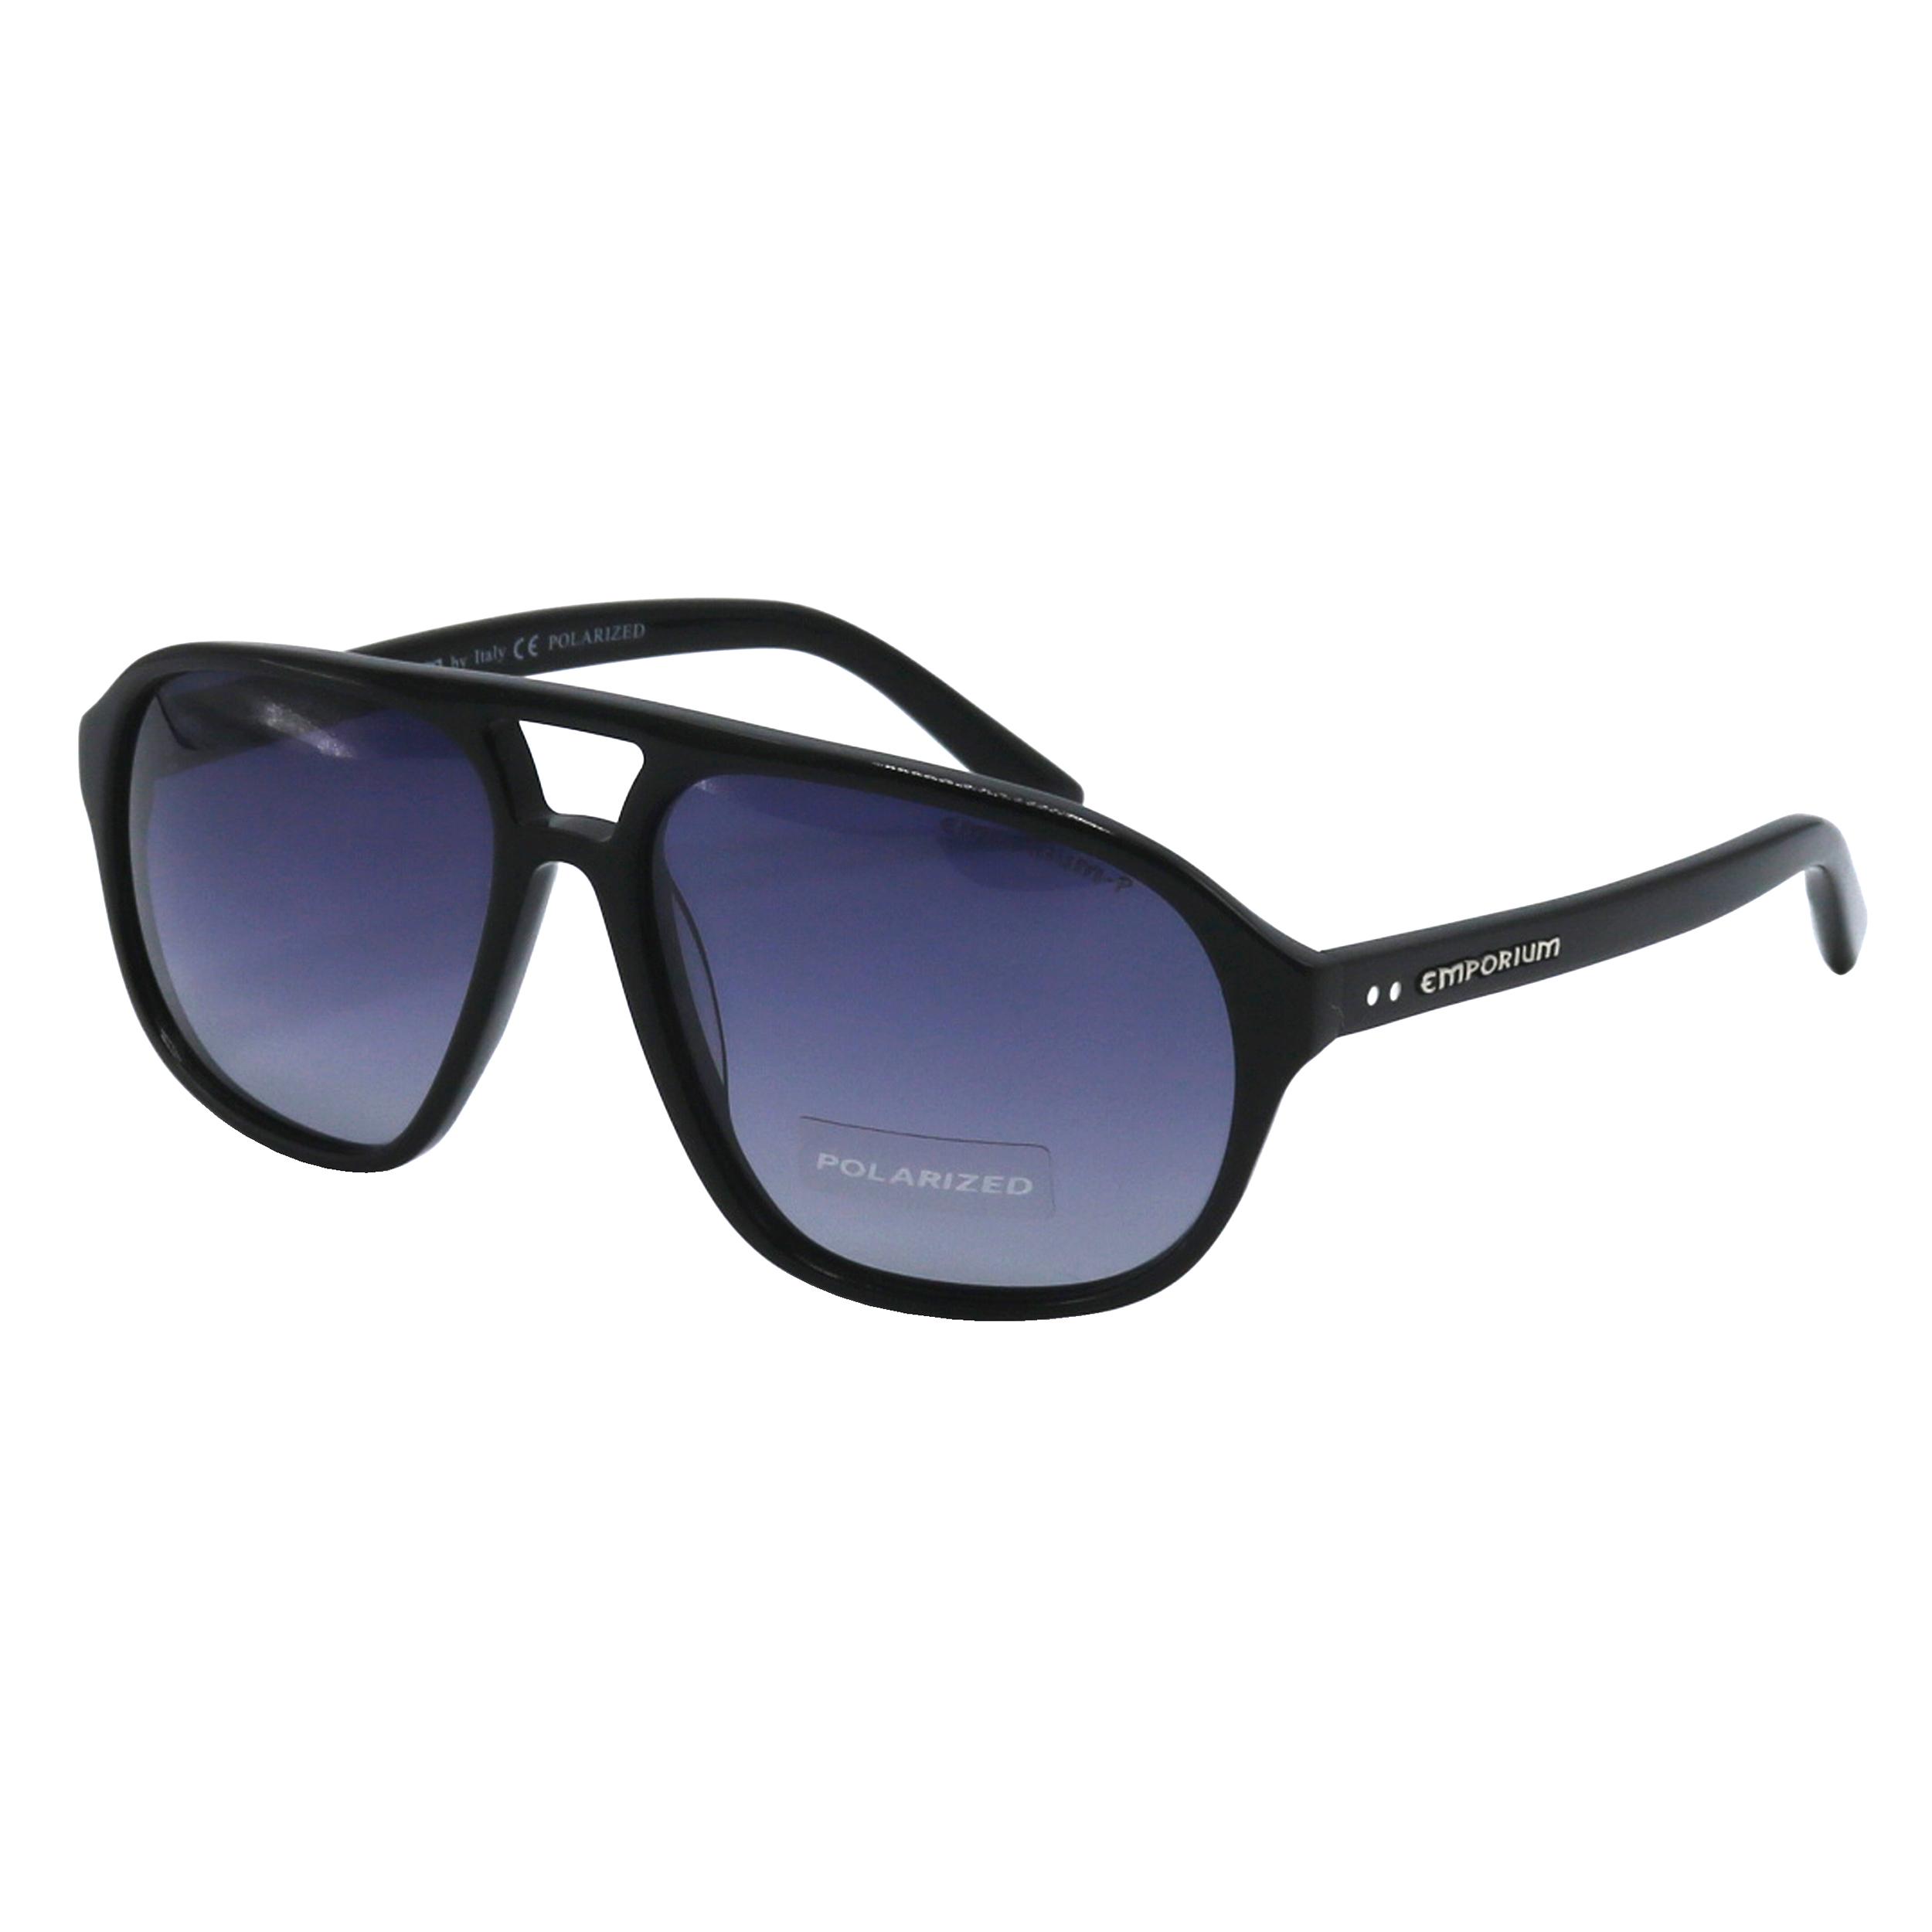 عینک آفتابی امپوریوم مدل 9336